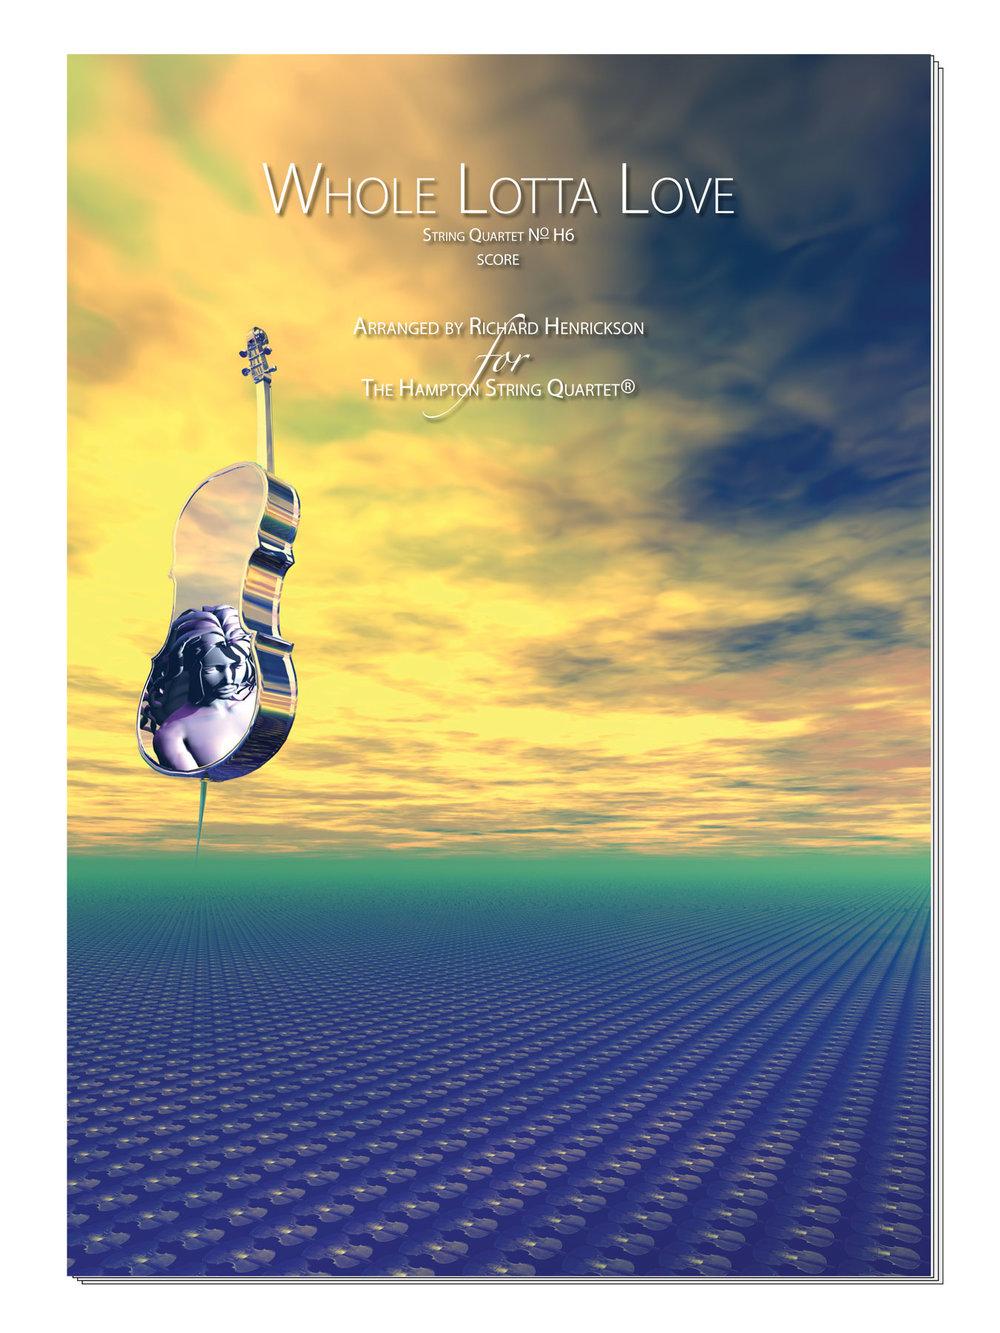 WholeLottaLove.jpg